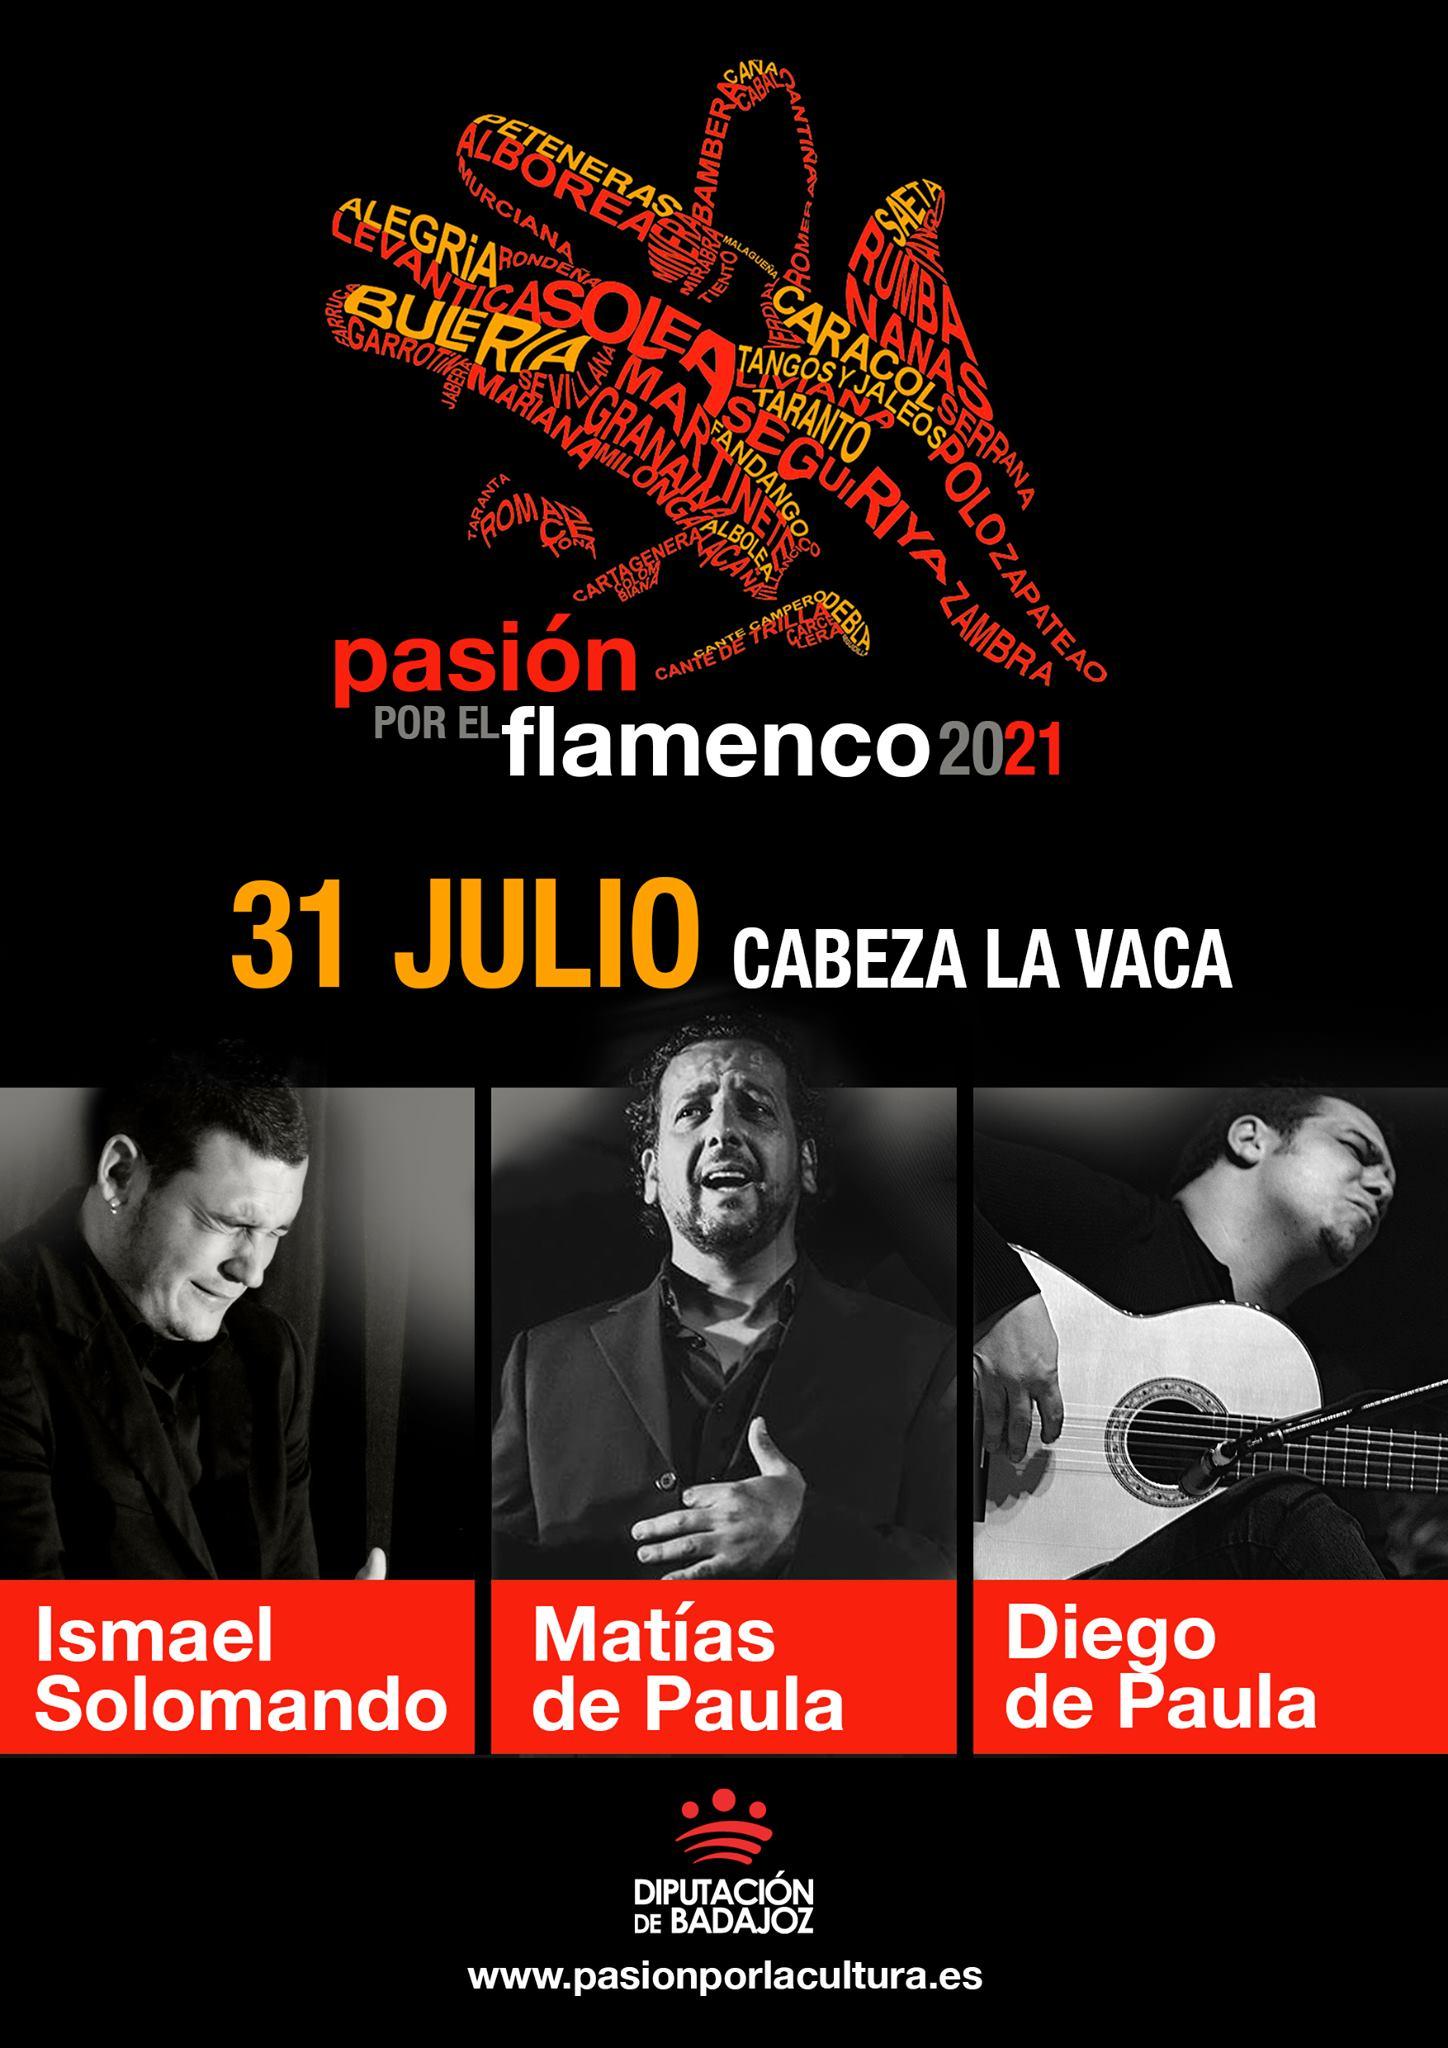 PASIÓN POR EL FLAMENCO   Ismael Solomando + Matías de Paula + Diego de Paula